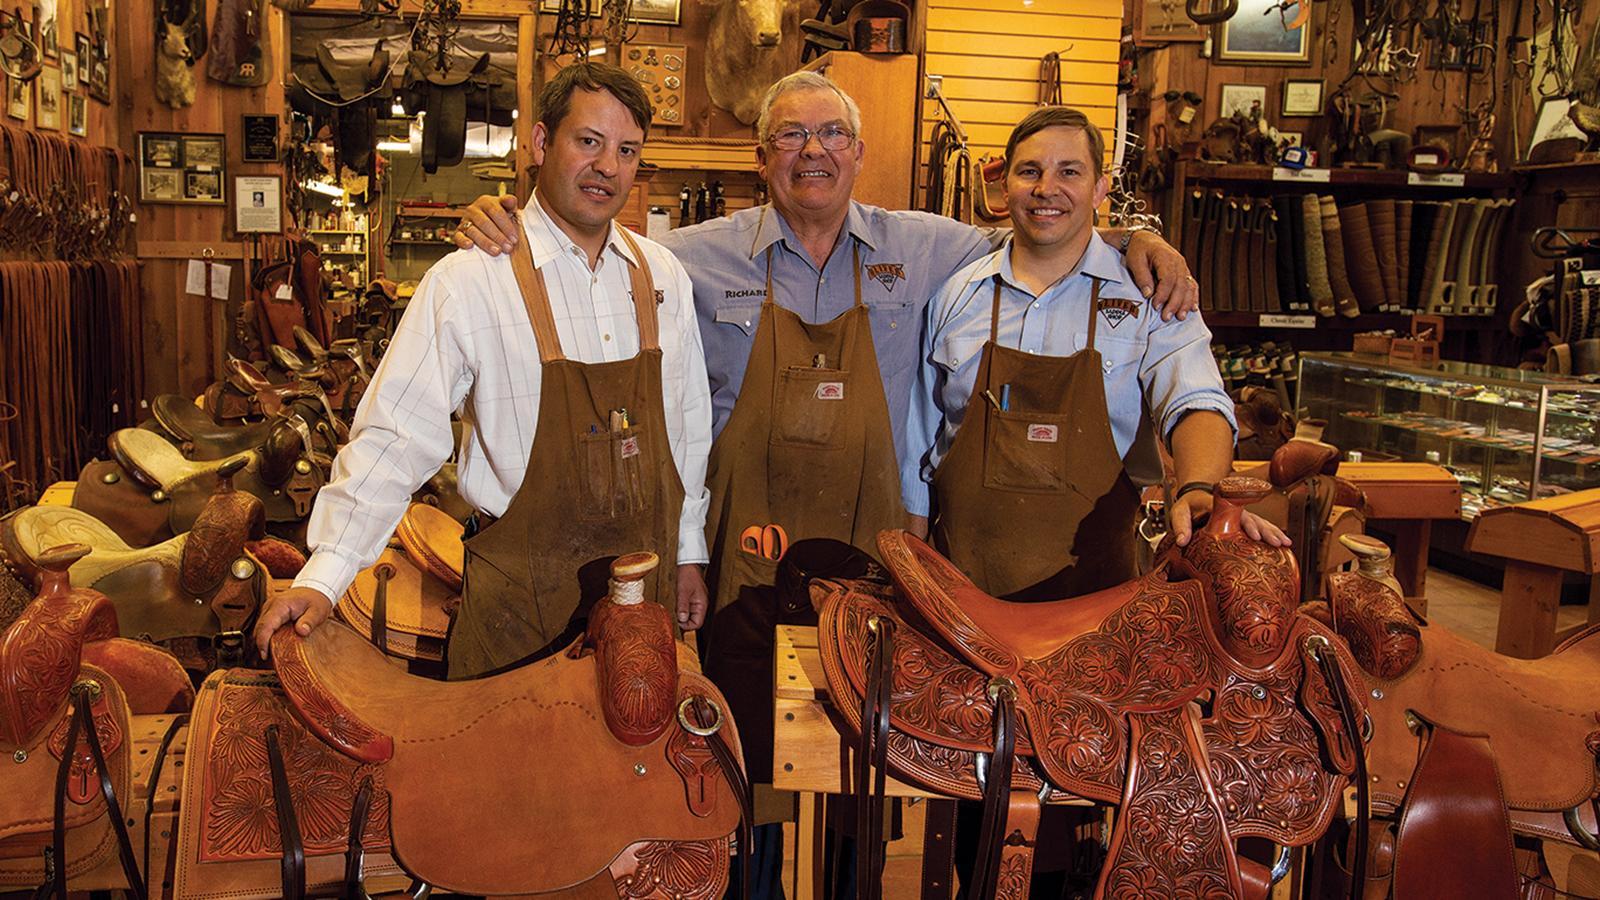 Oliver Saddlery makes saddles and reins.